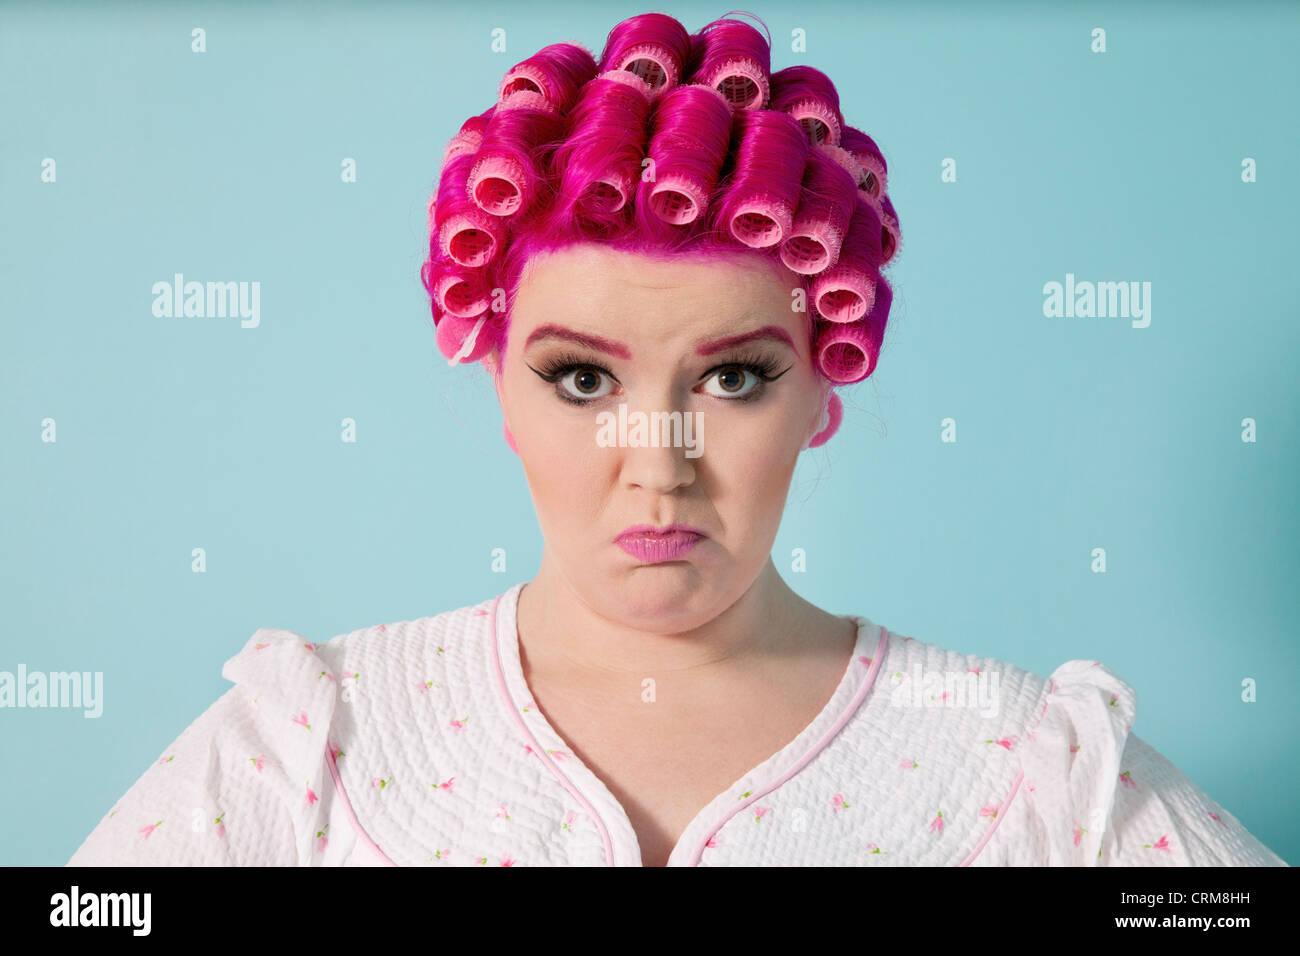 Retrato de mujer joven gesticulaciones con rizadores de pelo sobre fondo de color Imagen De Stock